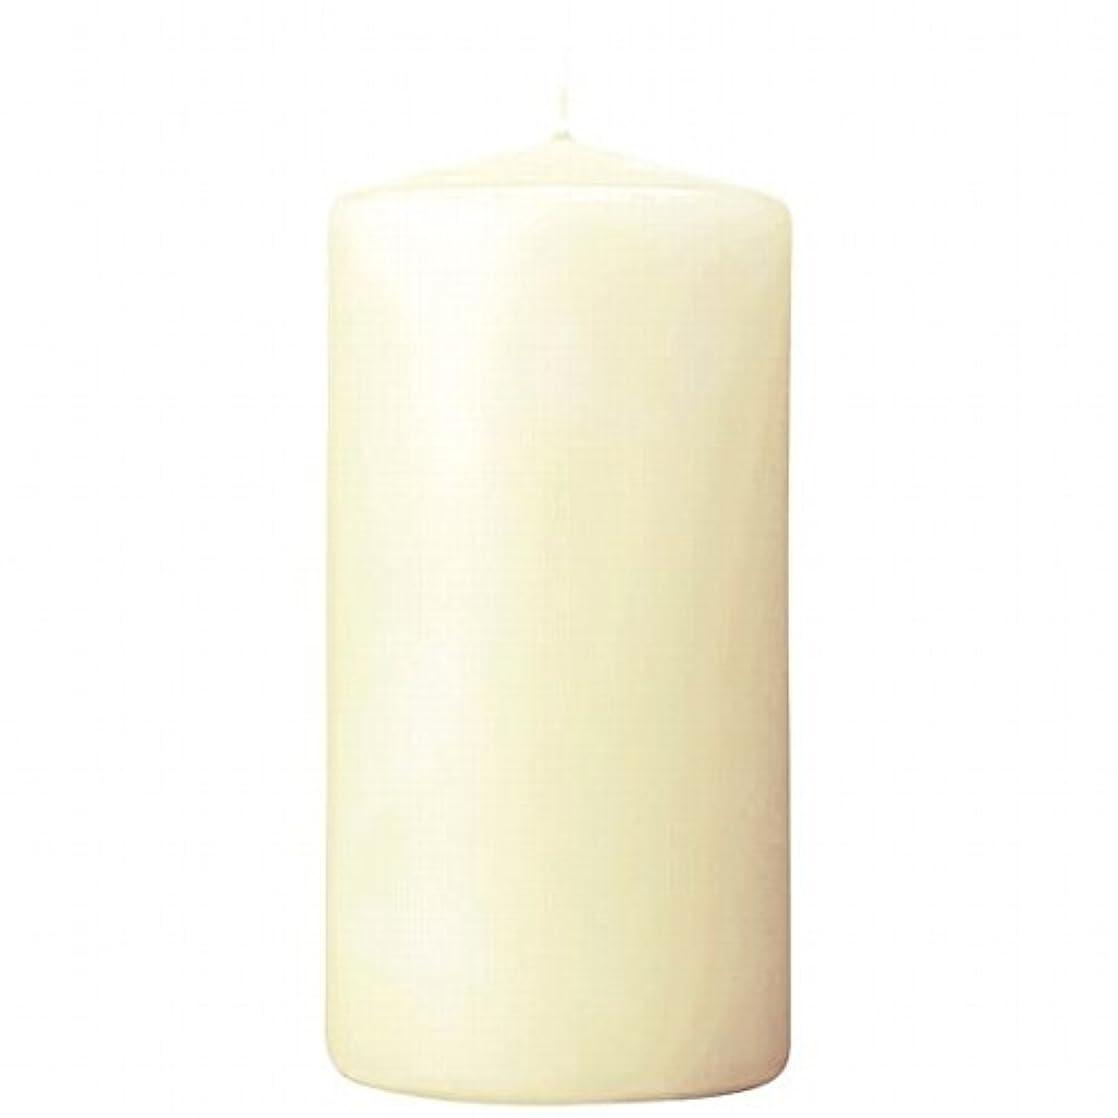 プレゼント節約自動カメヤマキャンドル(kameyama candle) 3×6ベルトップピラーキャンドル 「 アイボリー 」